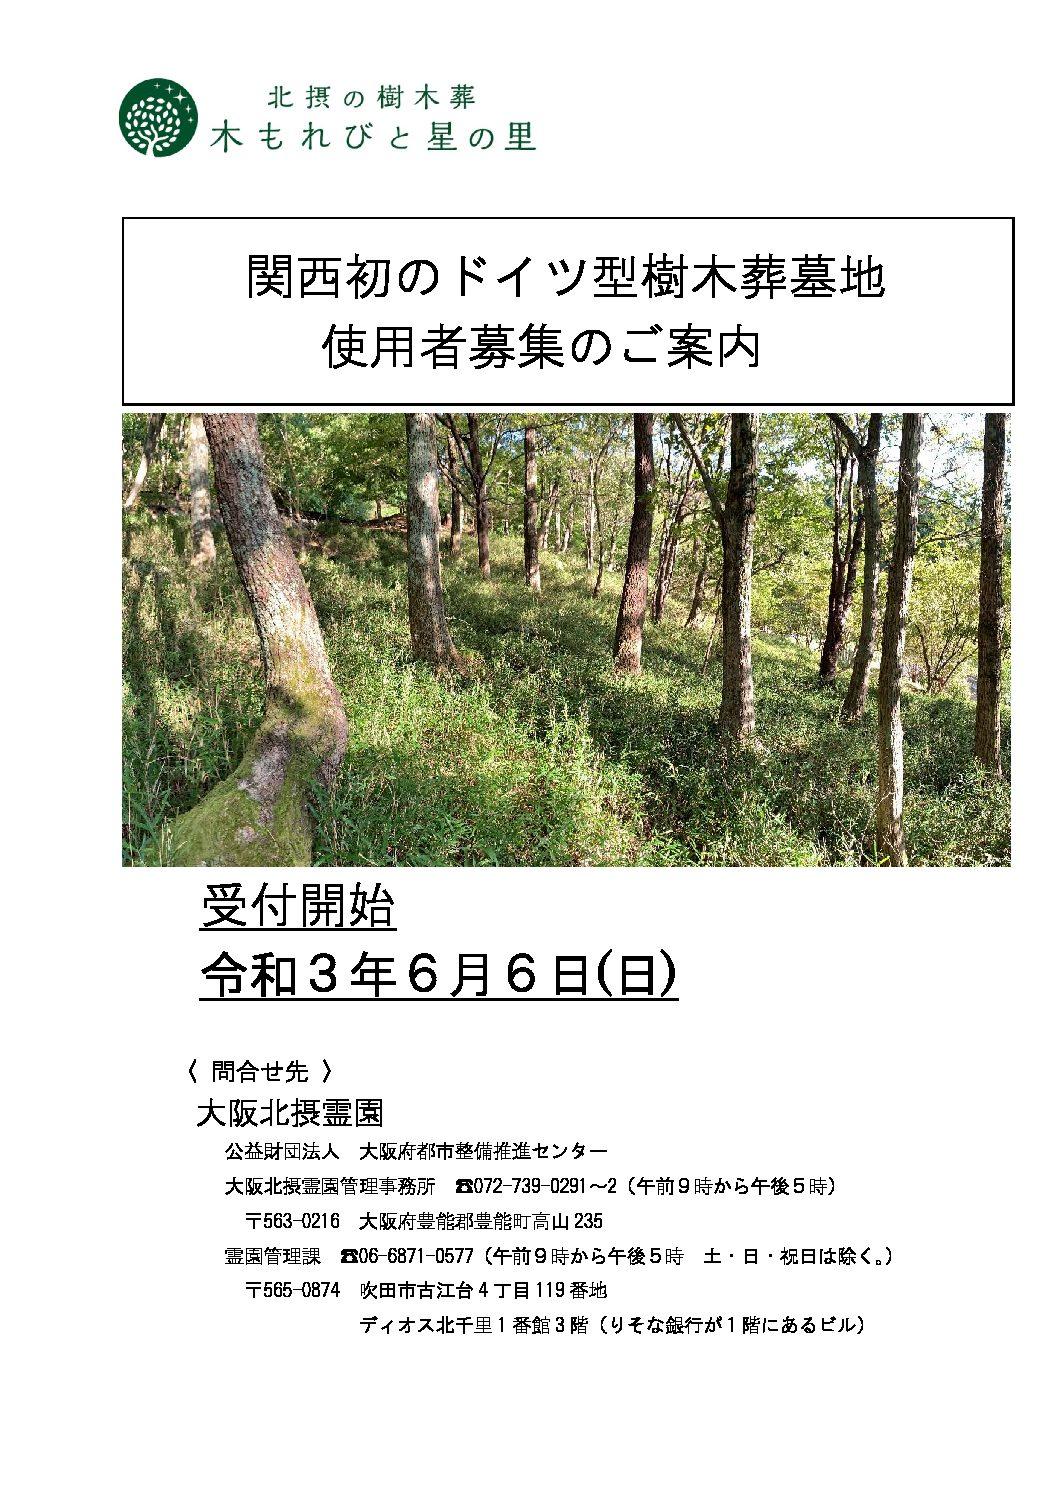 樹木葬墓地の使用募集案内 [PDF]